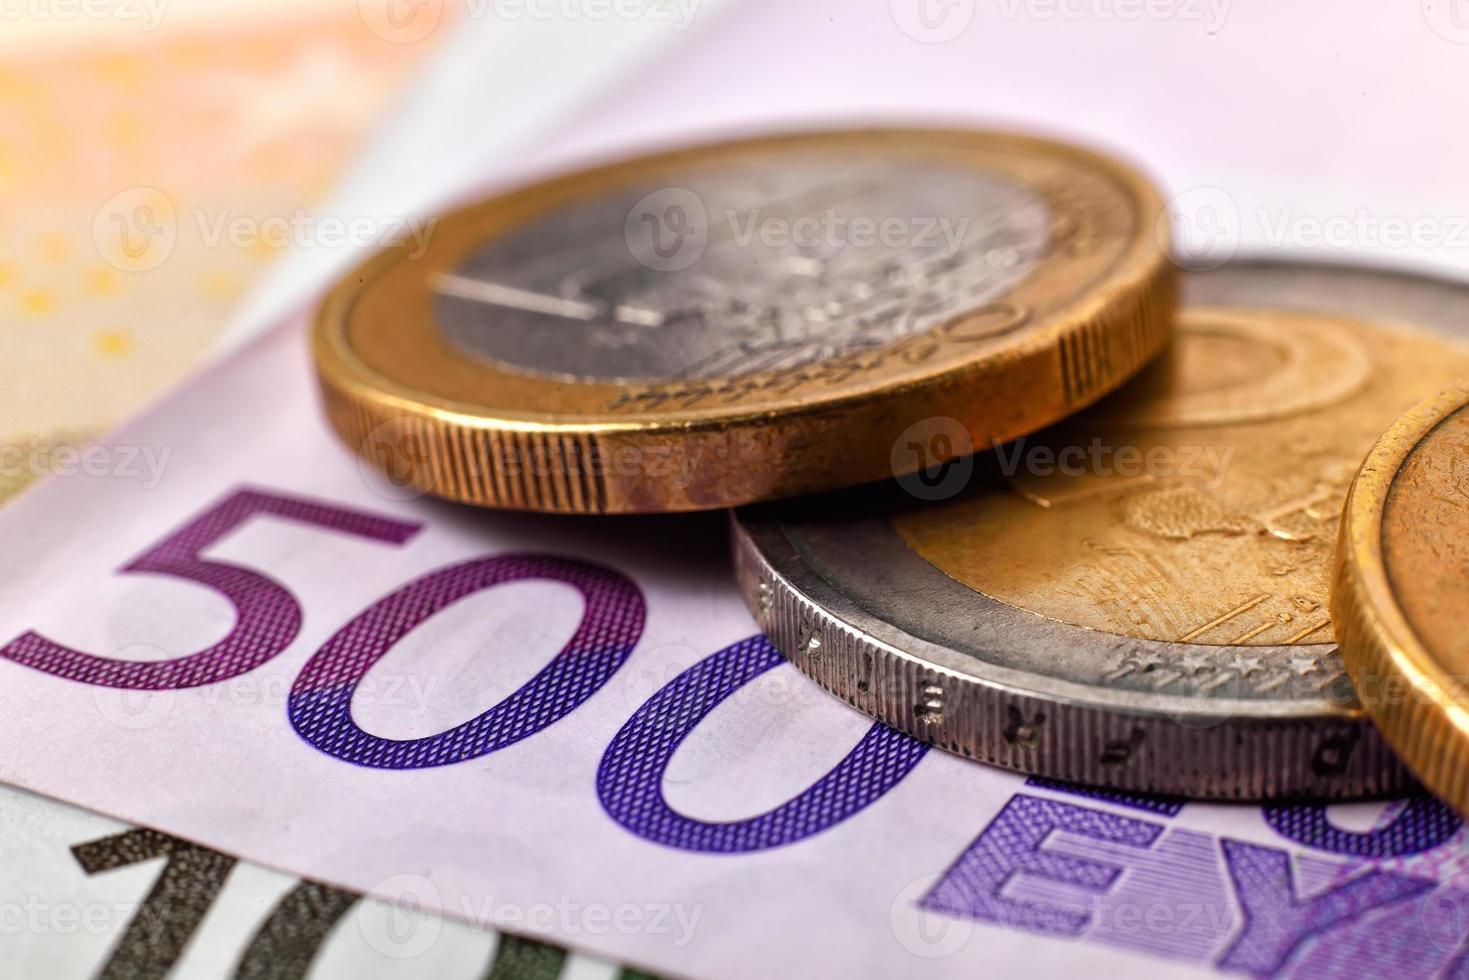 monedas y billetes de quinientos euros foto